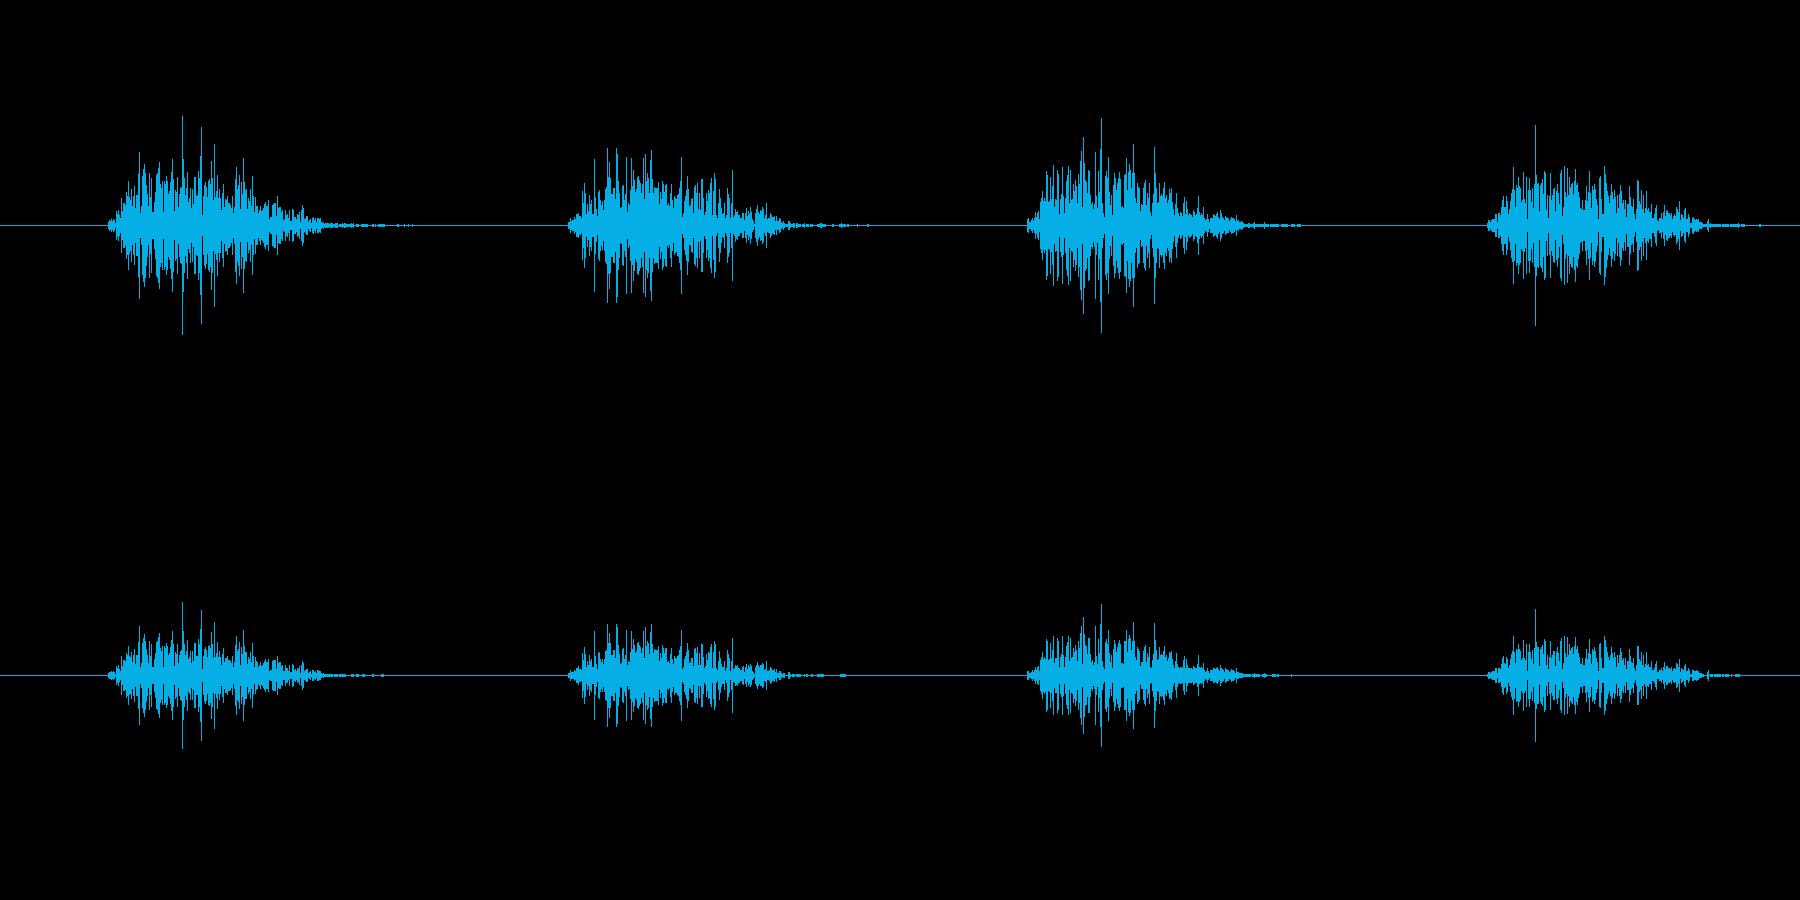 ざっざっざっざっ(移動音)の再生済みの波形